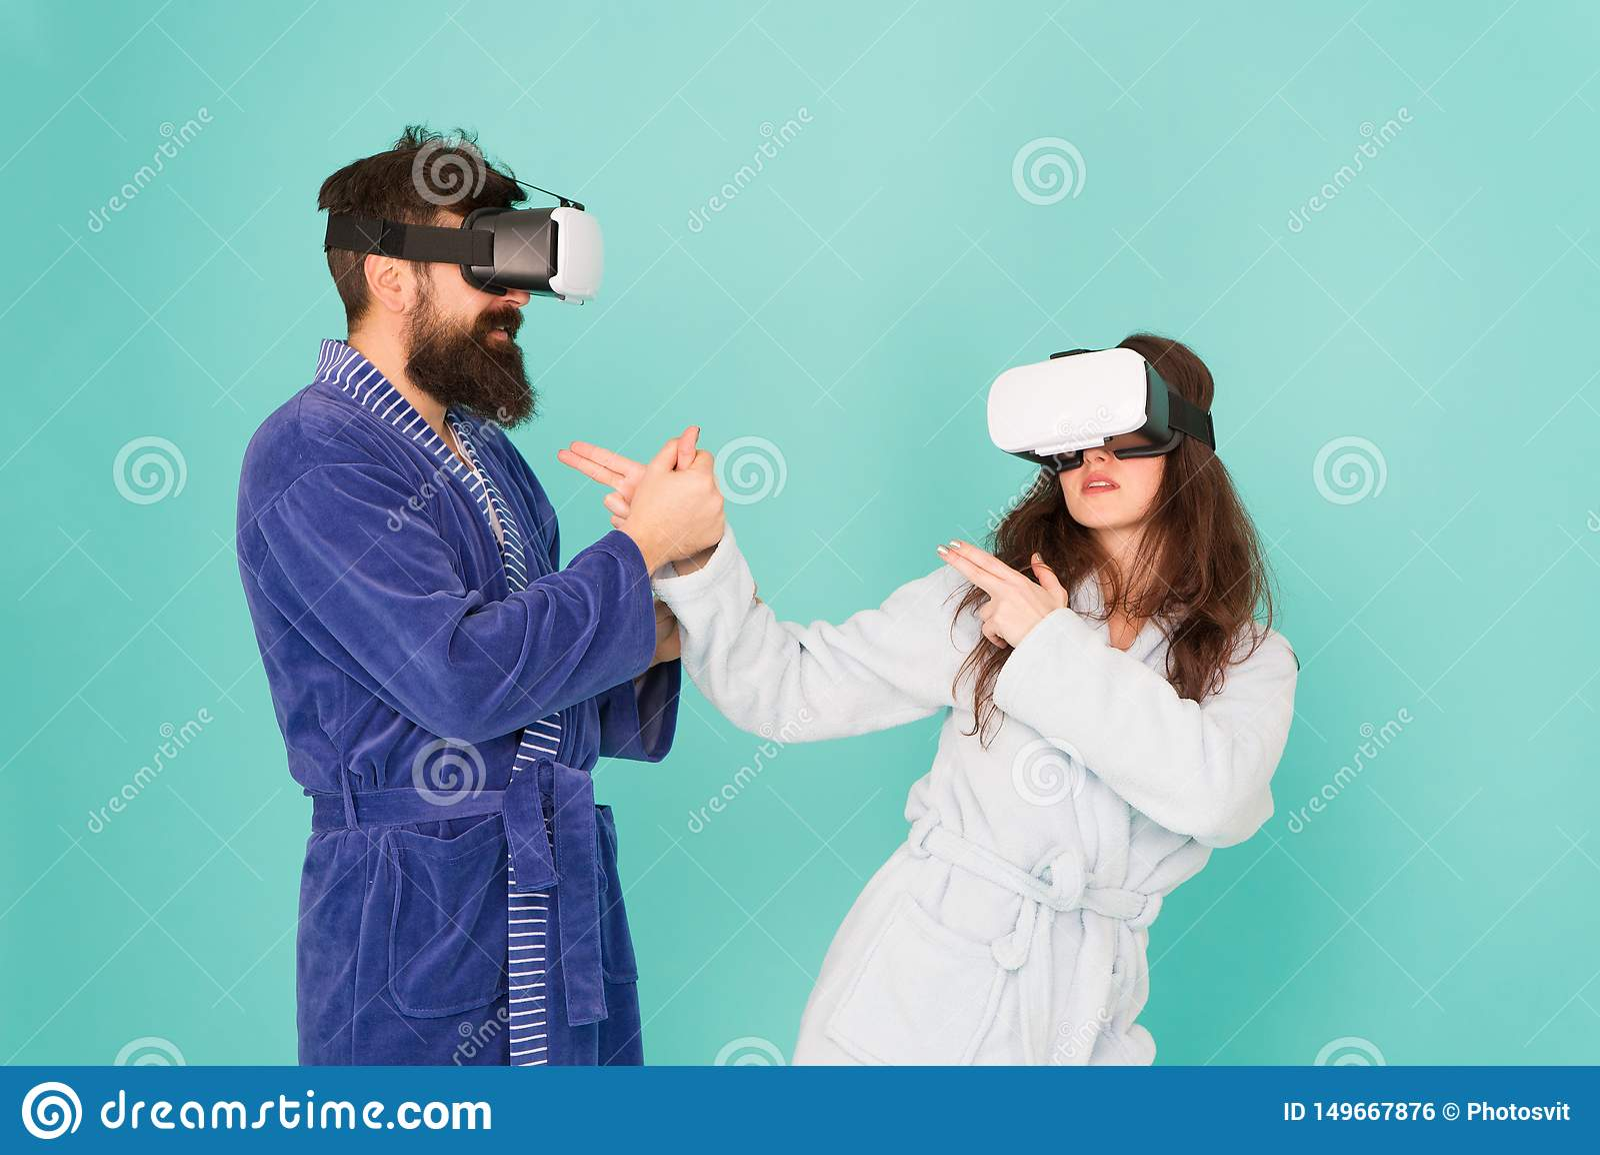 De toekomst is dichter dan u denkt VR technologie en toekomst VR mededeling Opwindende indrukken Paar in badjassen